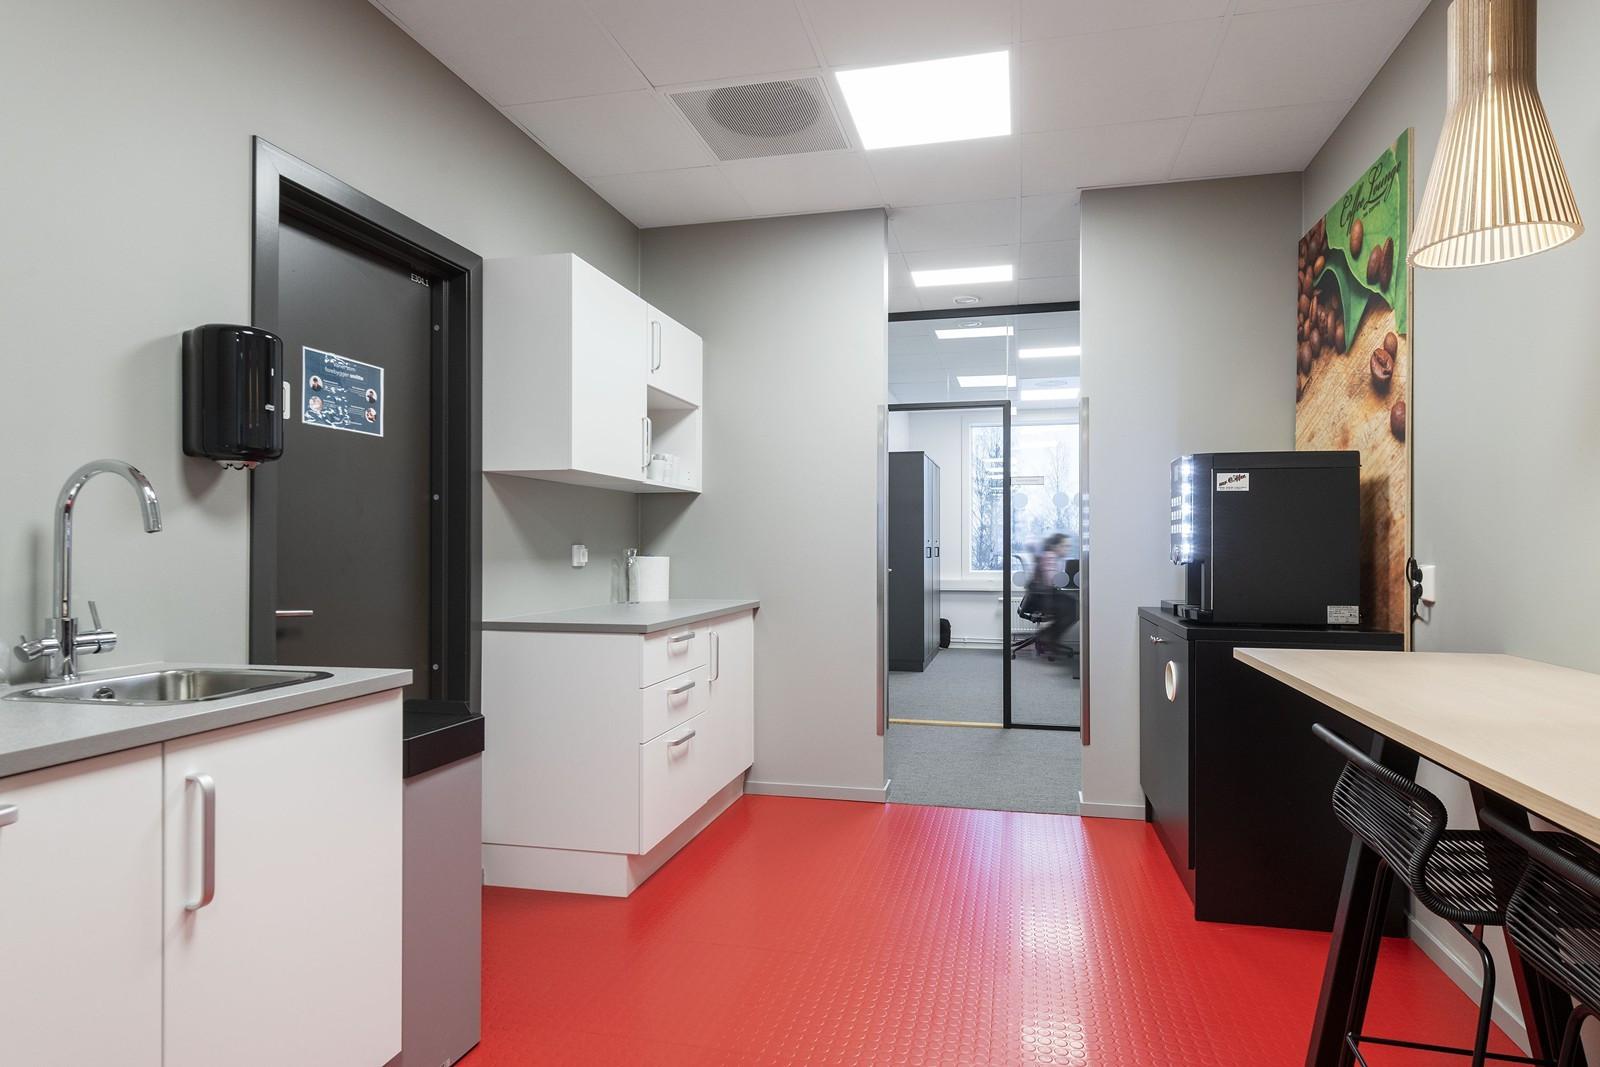 Ledig kontor - kjøkken